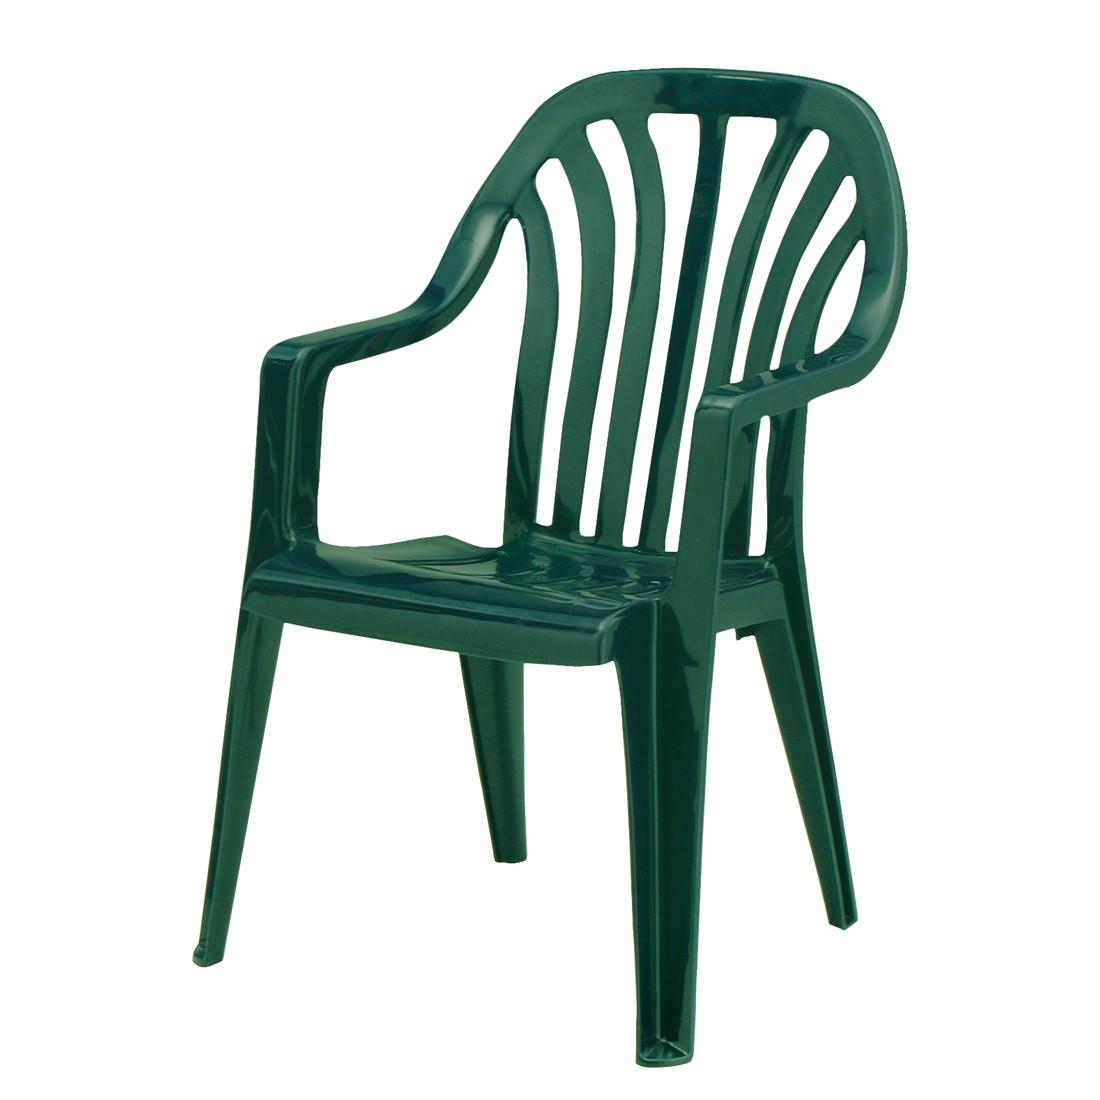 Stapelstuhl Laredo - Kunststoff - Grün, Best Freizeitmöbel bei Home24 - Sonderangebote